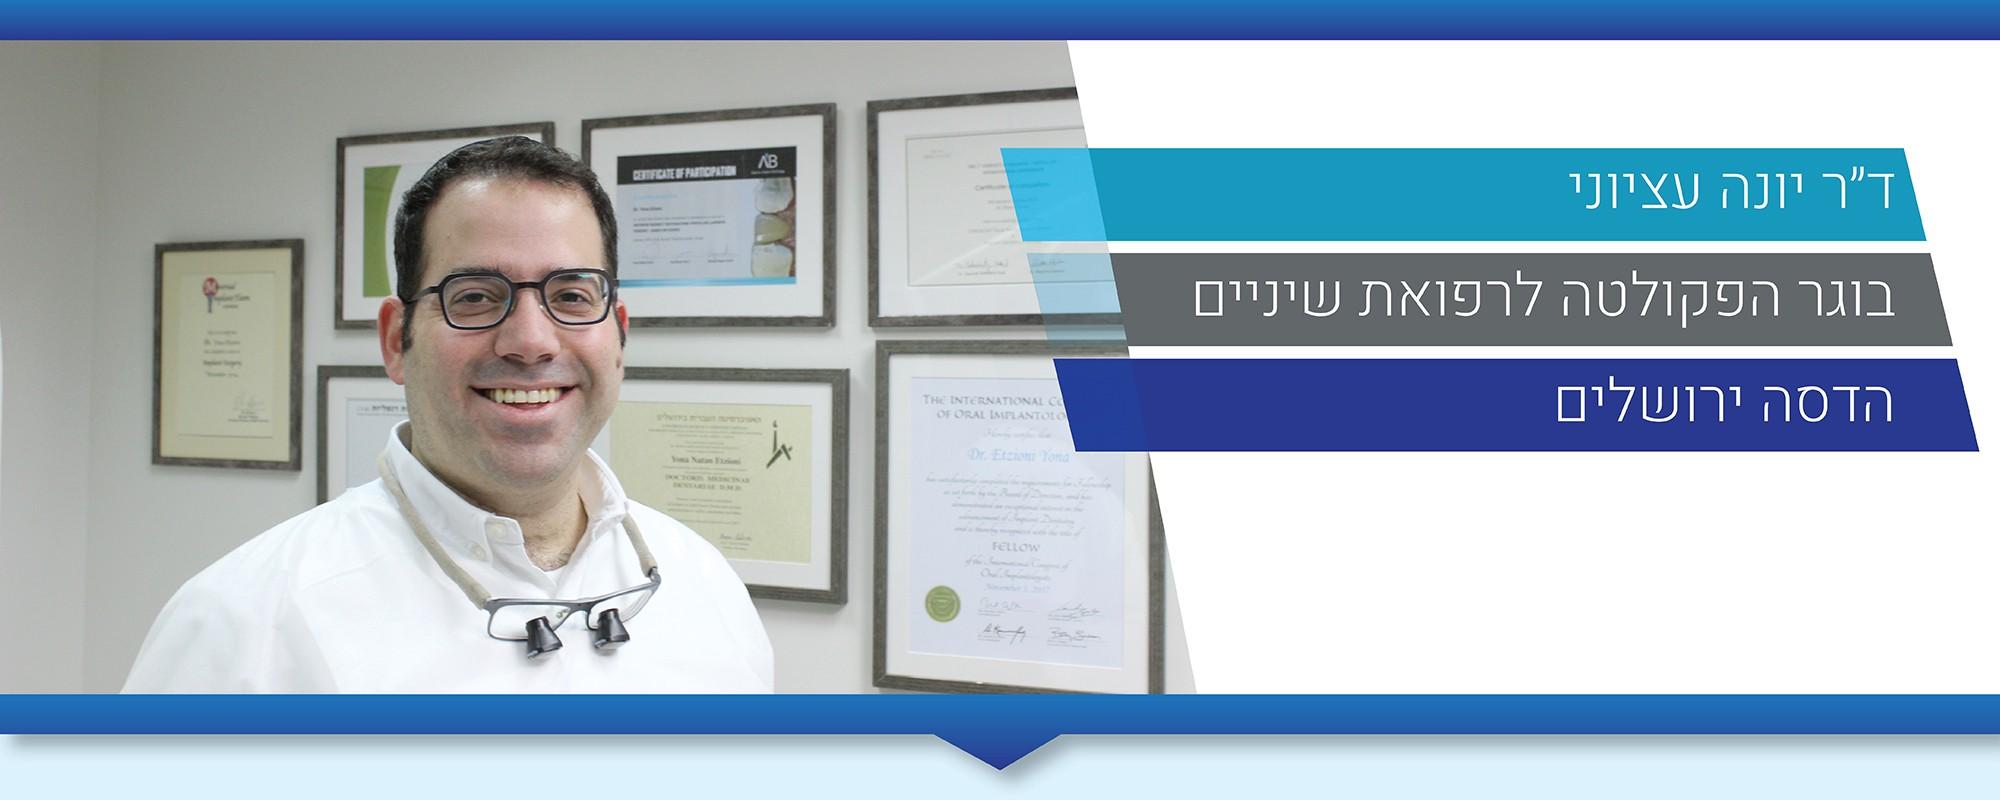 בוגר הפקולטה לרפואת שיניים הדסה ירושלים